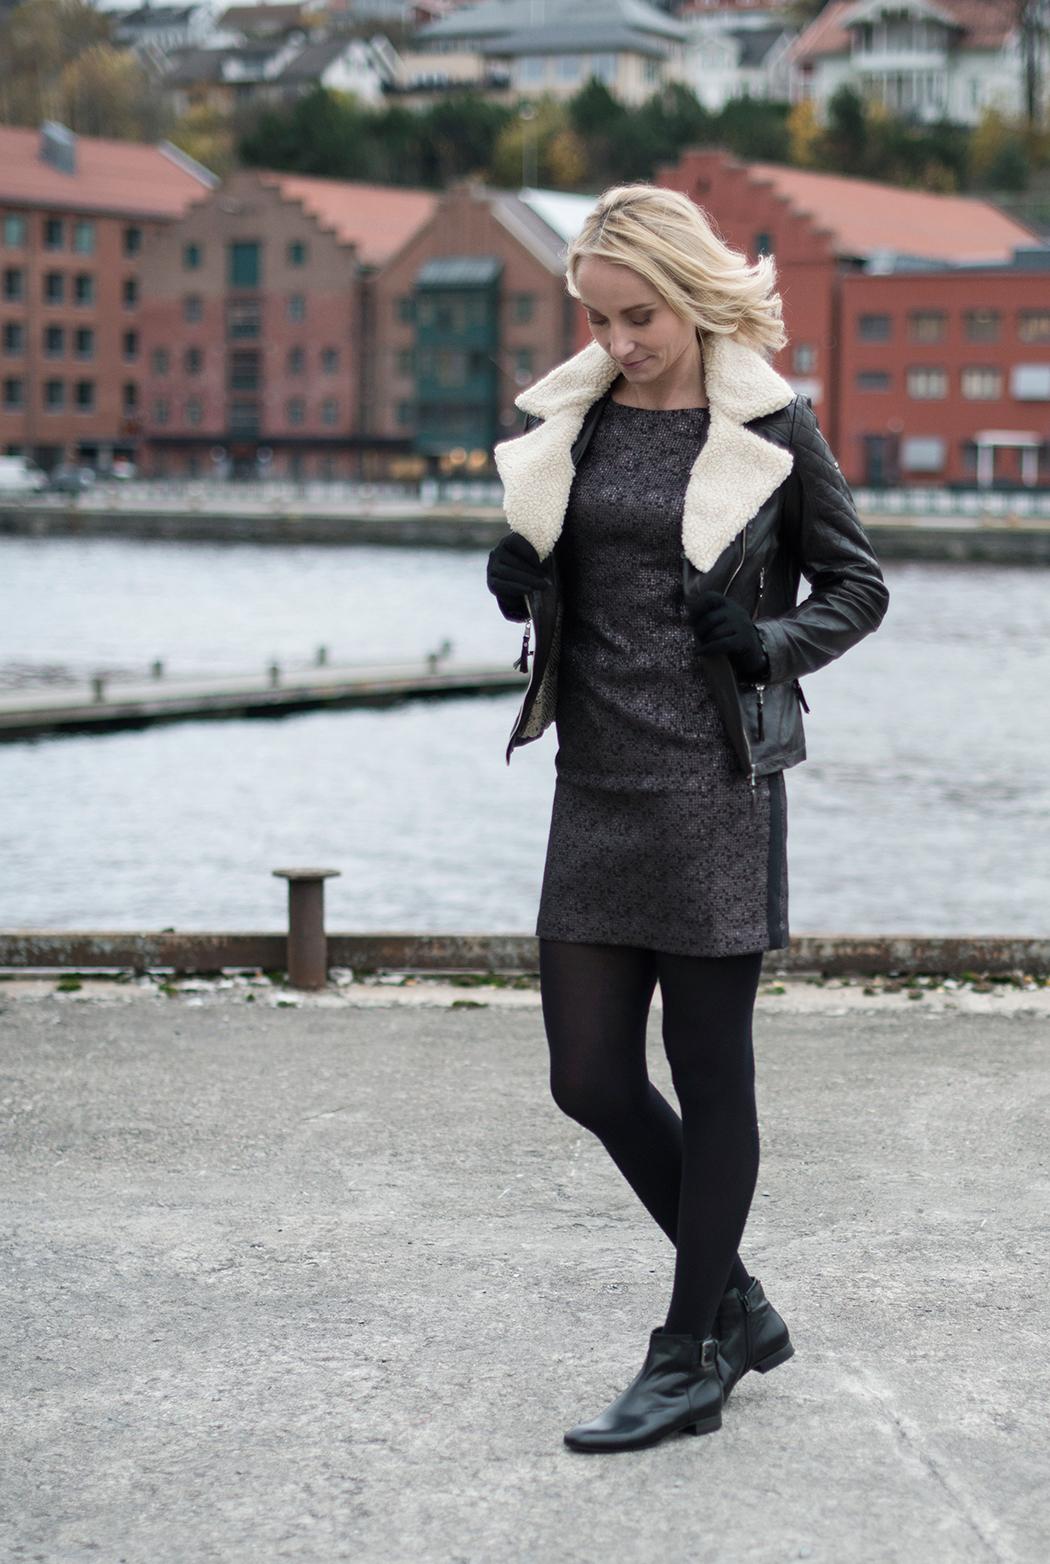 vintermote-2014-del-2-kjole-jakke